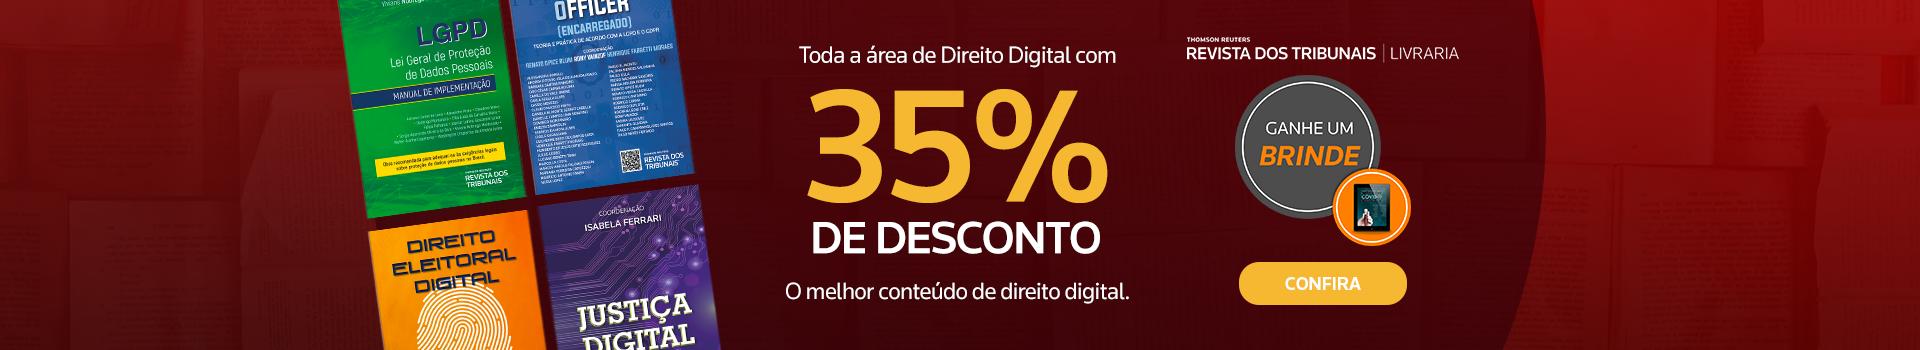 Direito Digital 35%